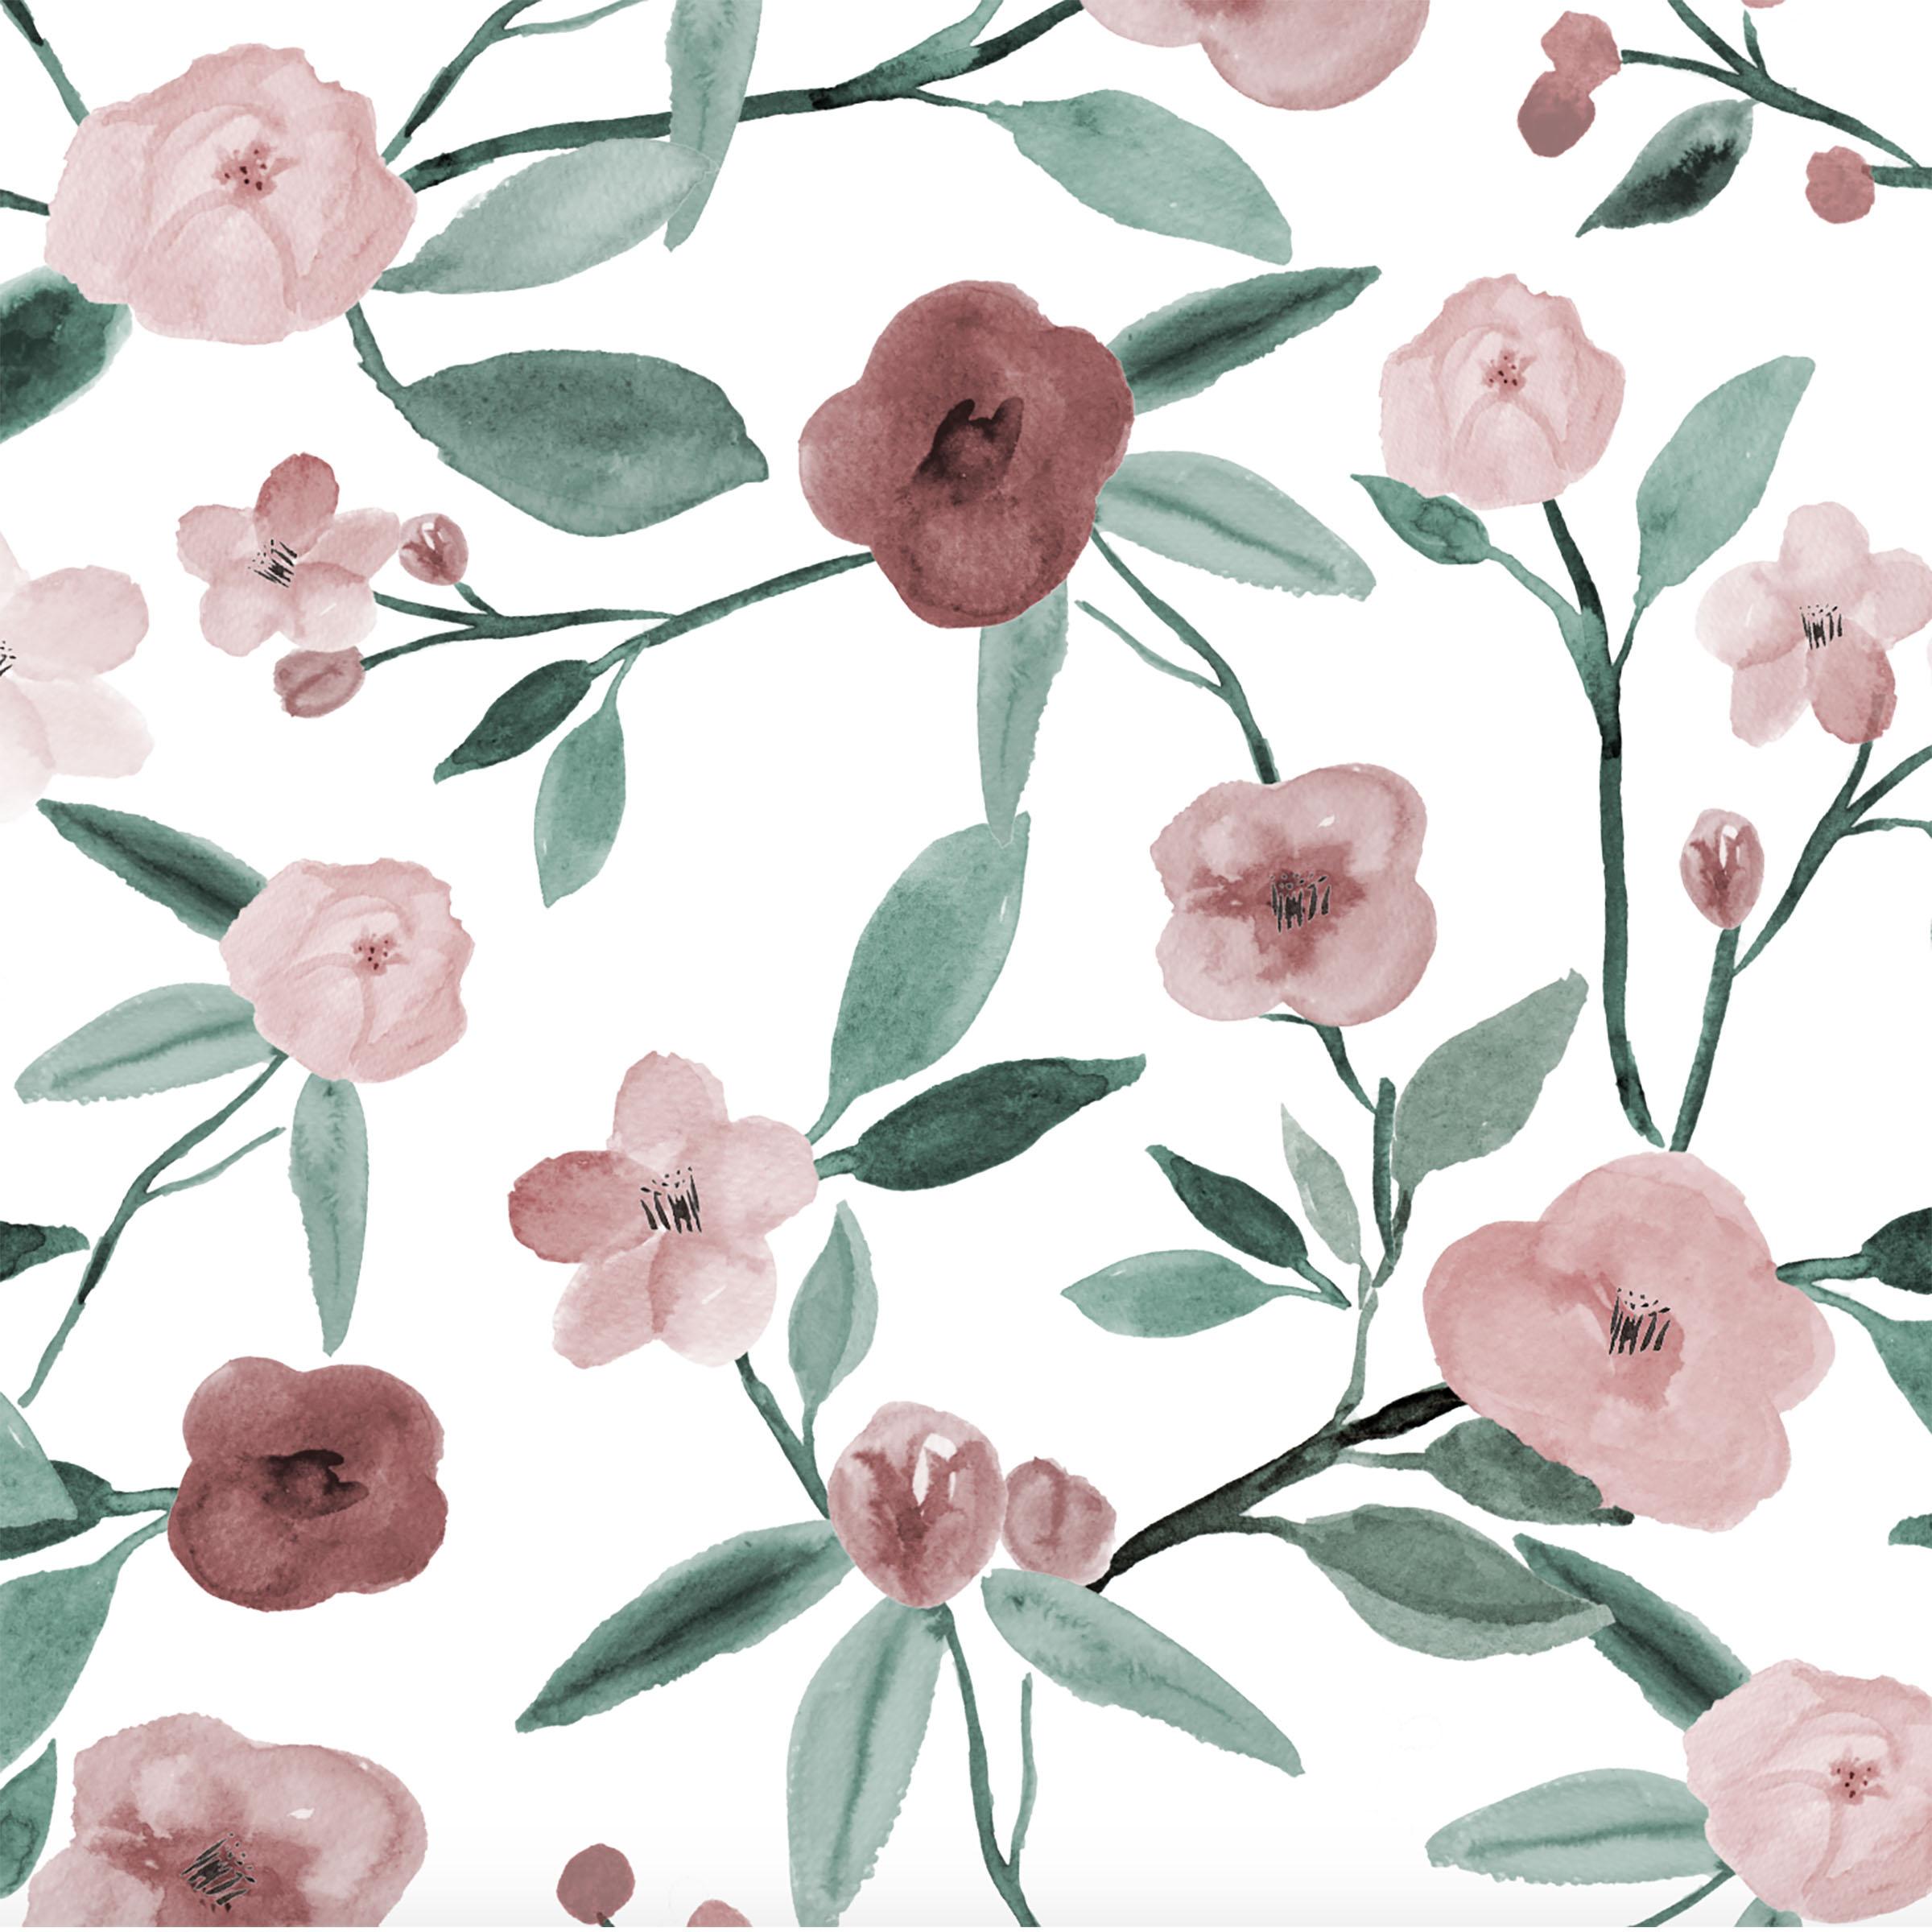 flowers-watercolor.jpg